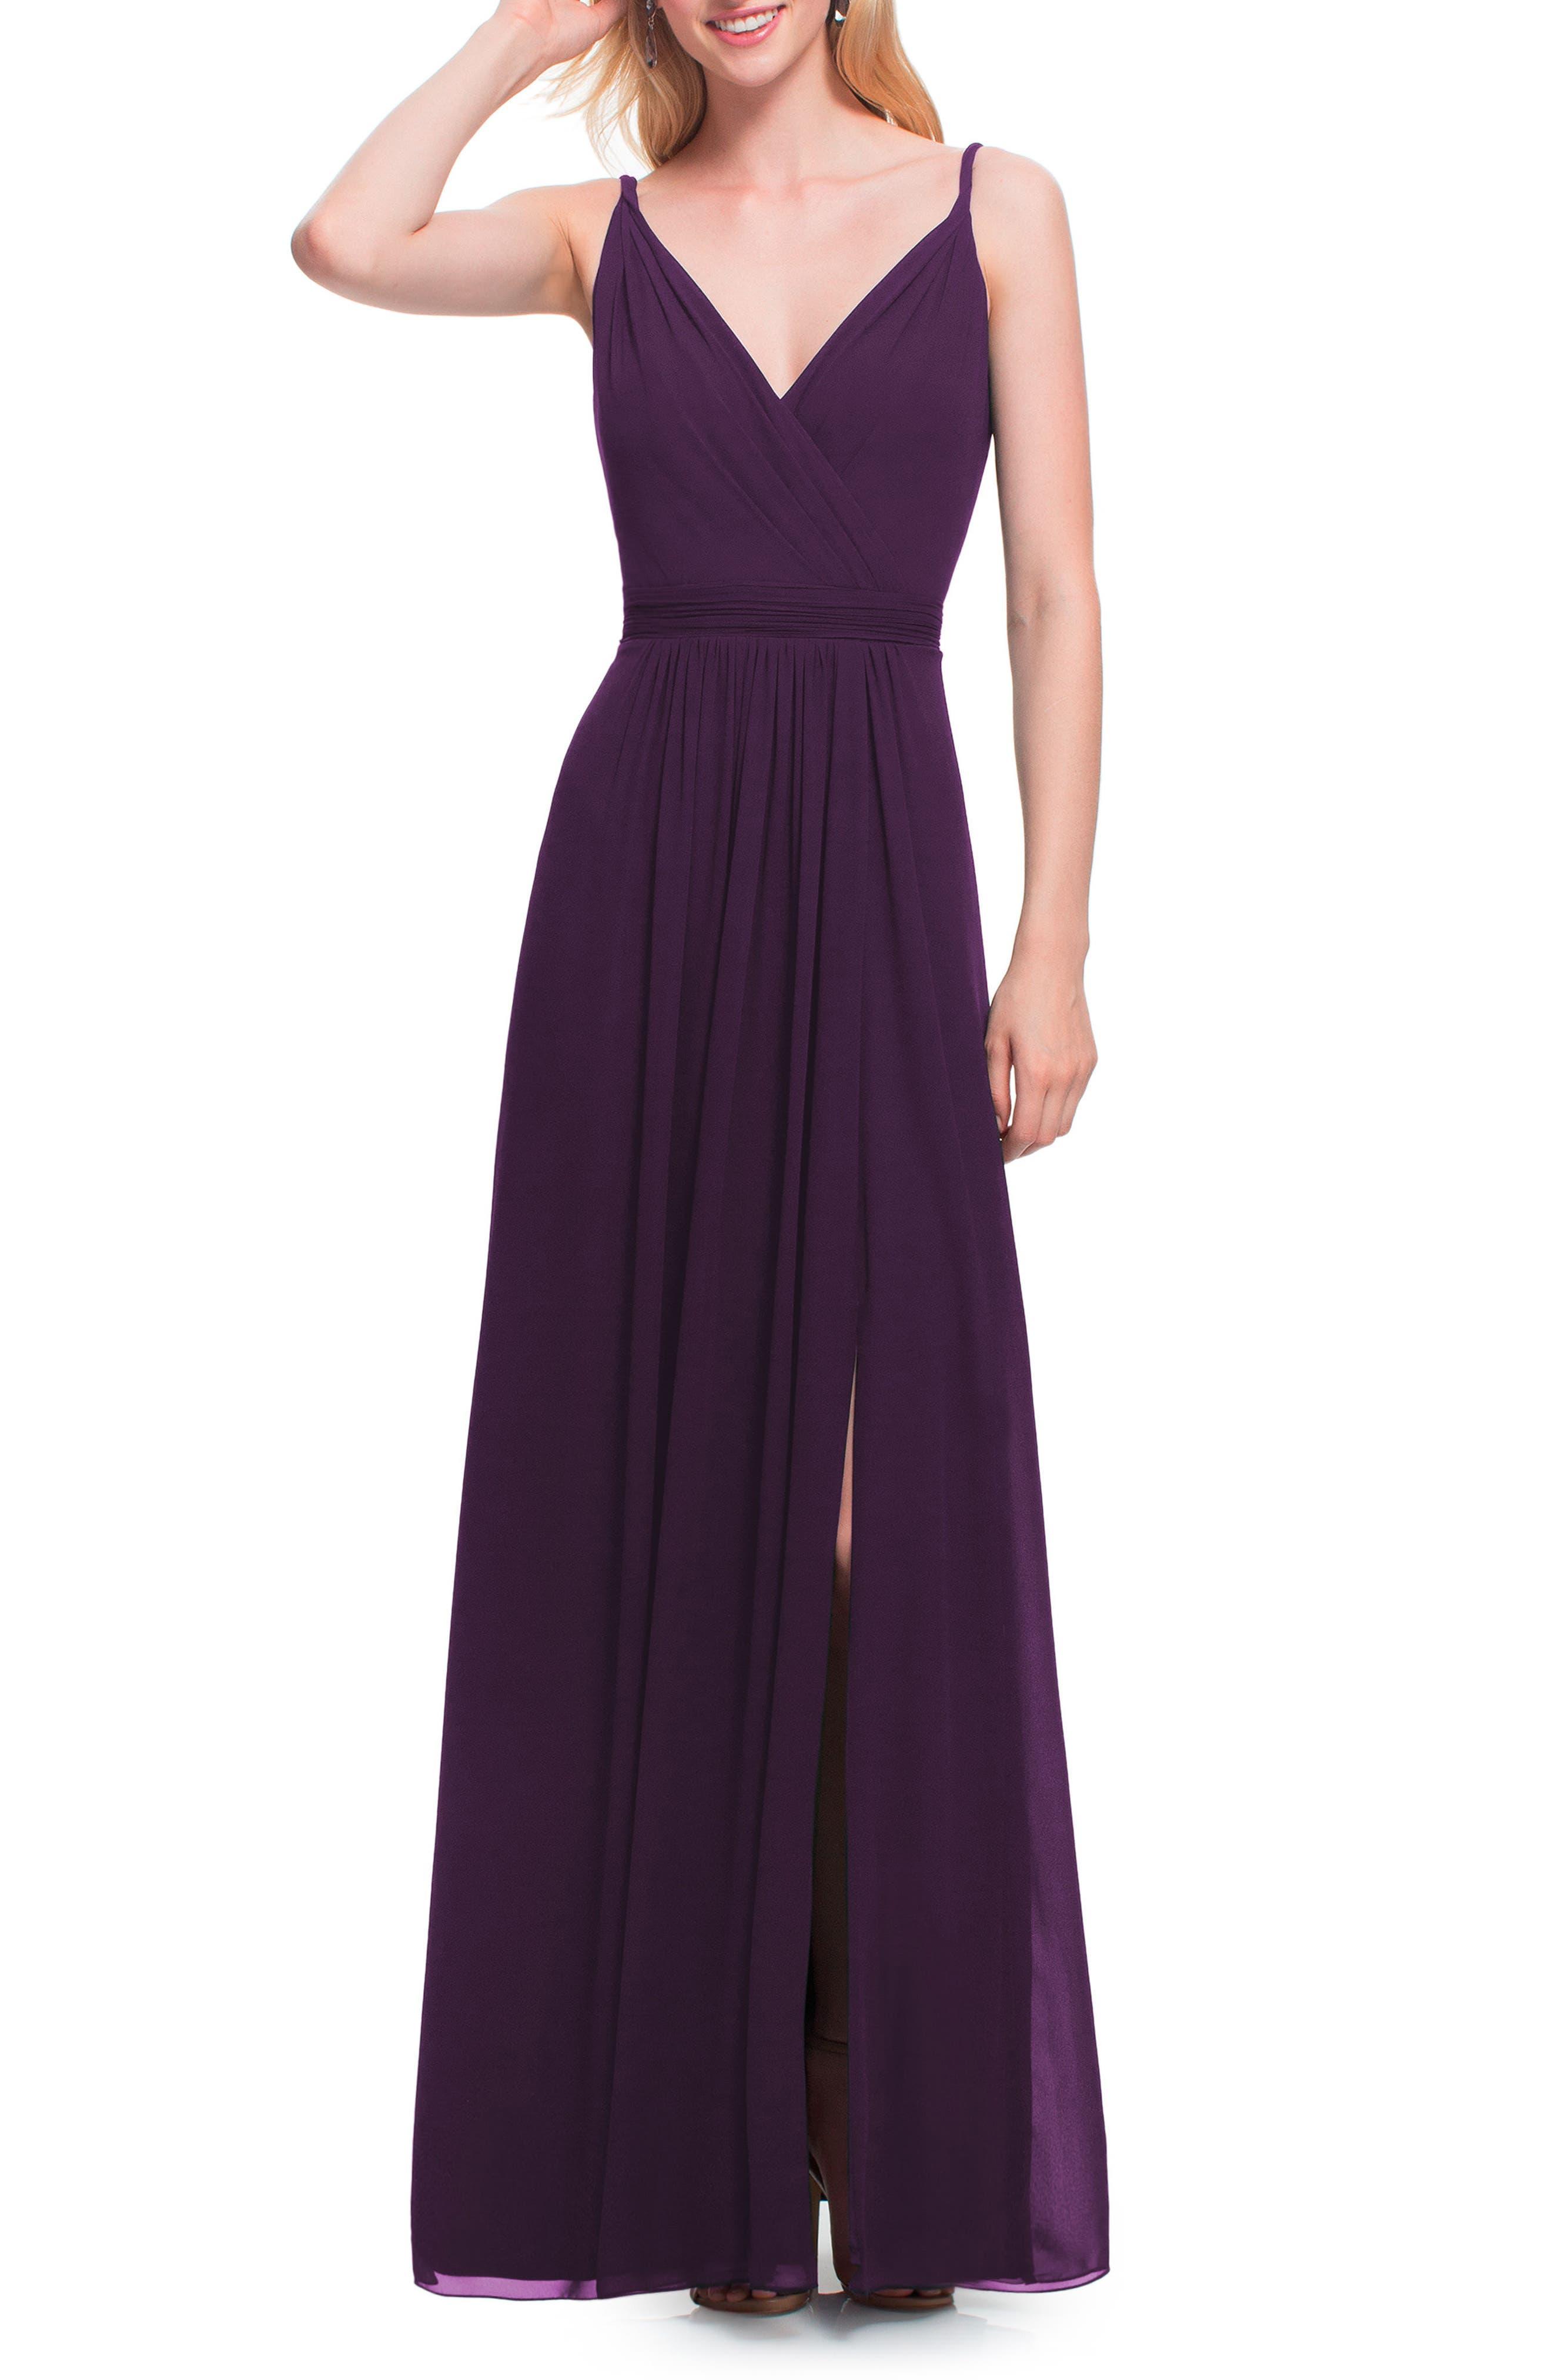 Purple Chiffon Dress